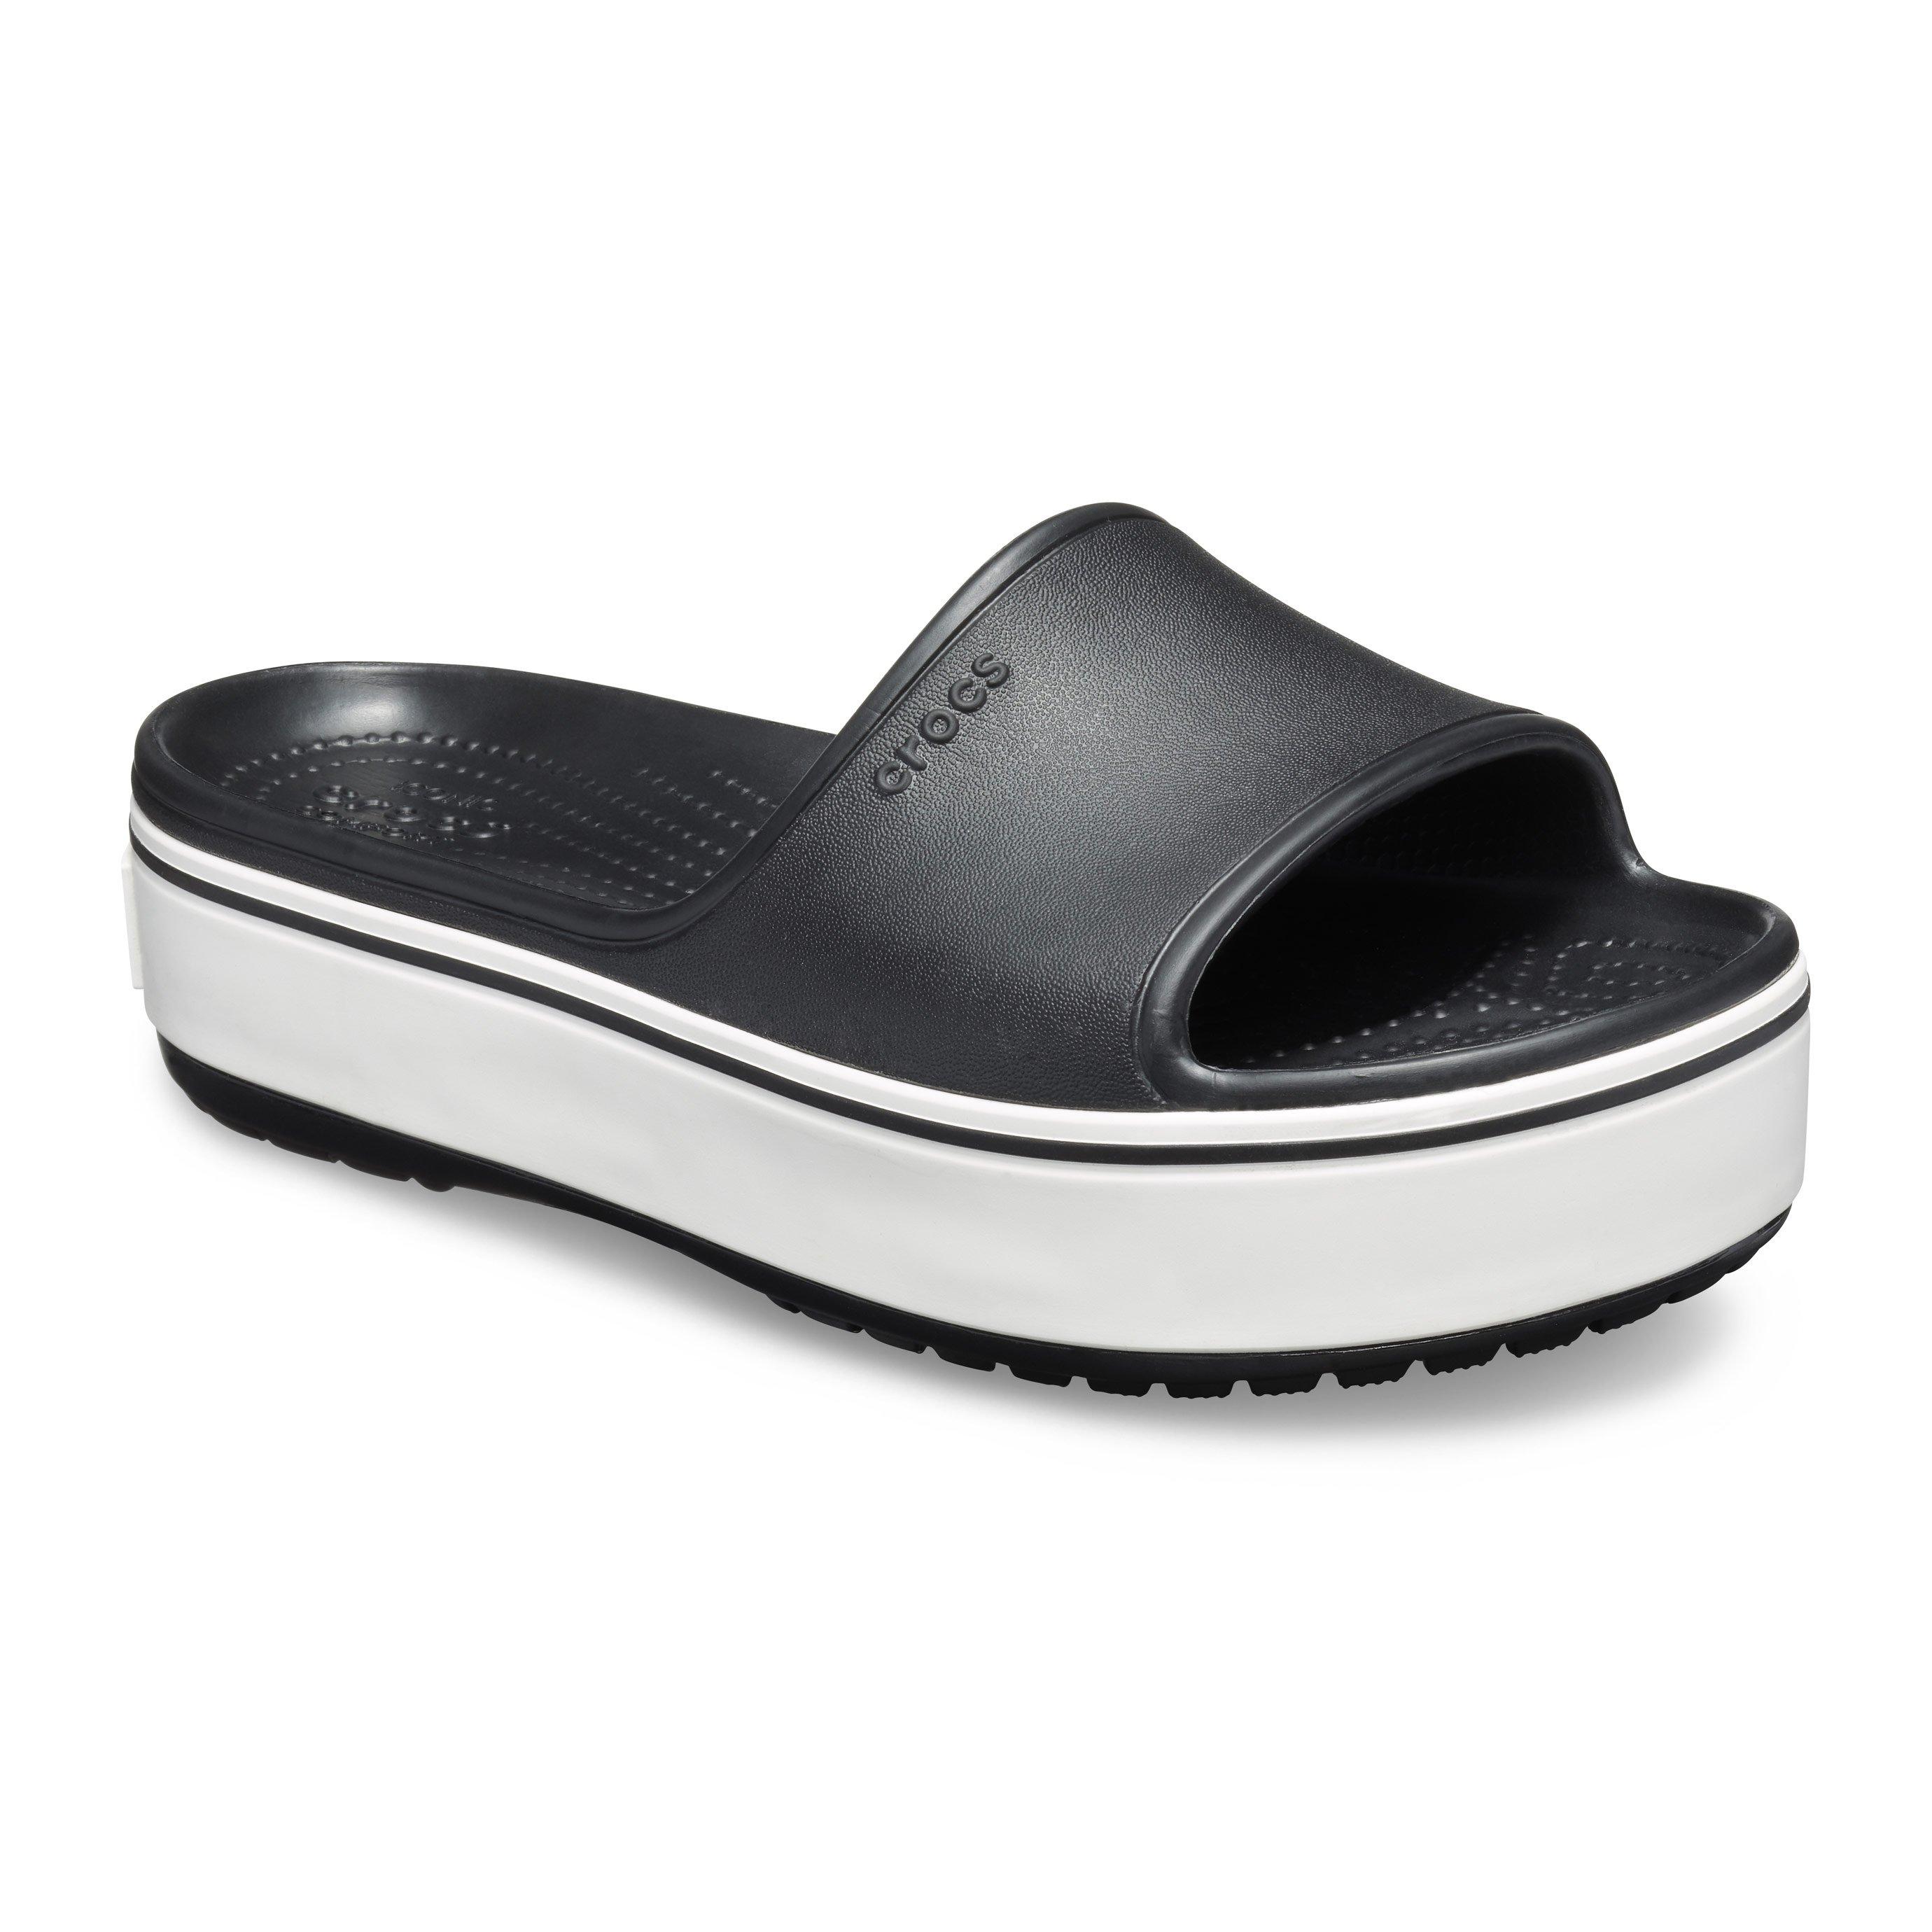 Crocs Crocband Platform Slide - כפכפי סלייד עם פלטפורמה בצבע שחור